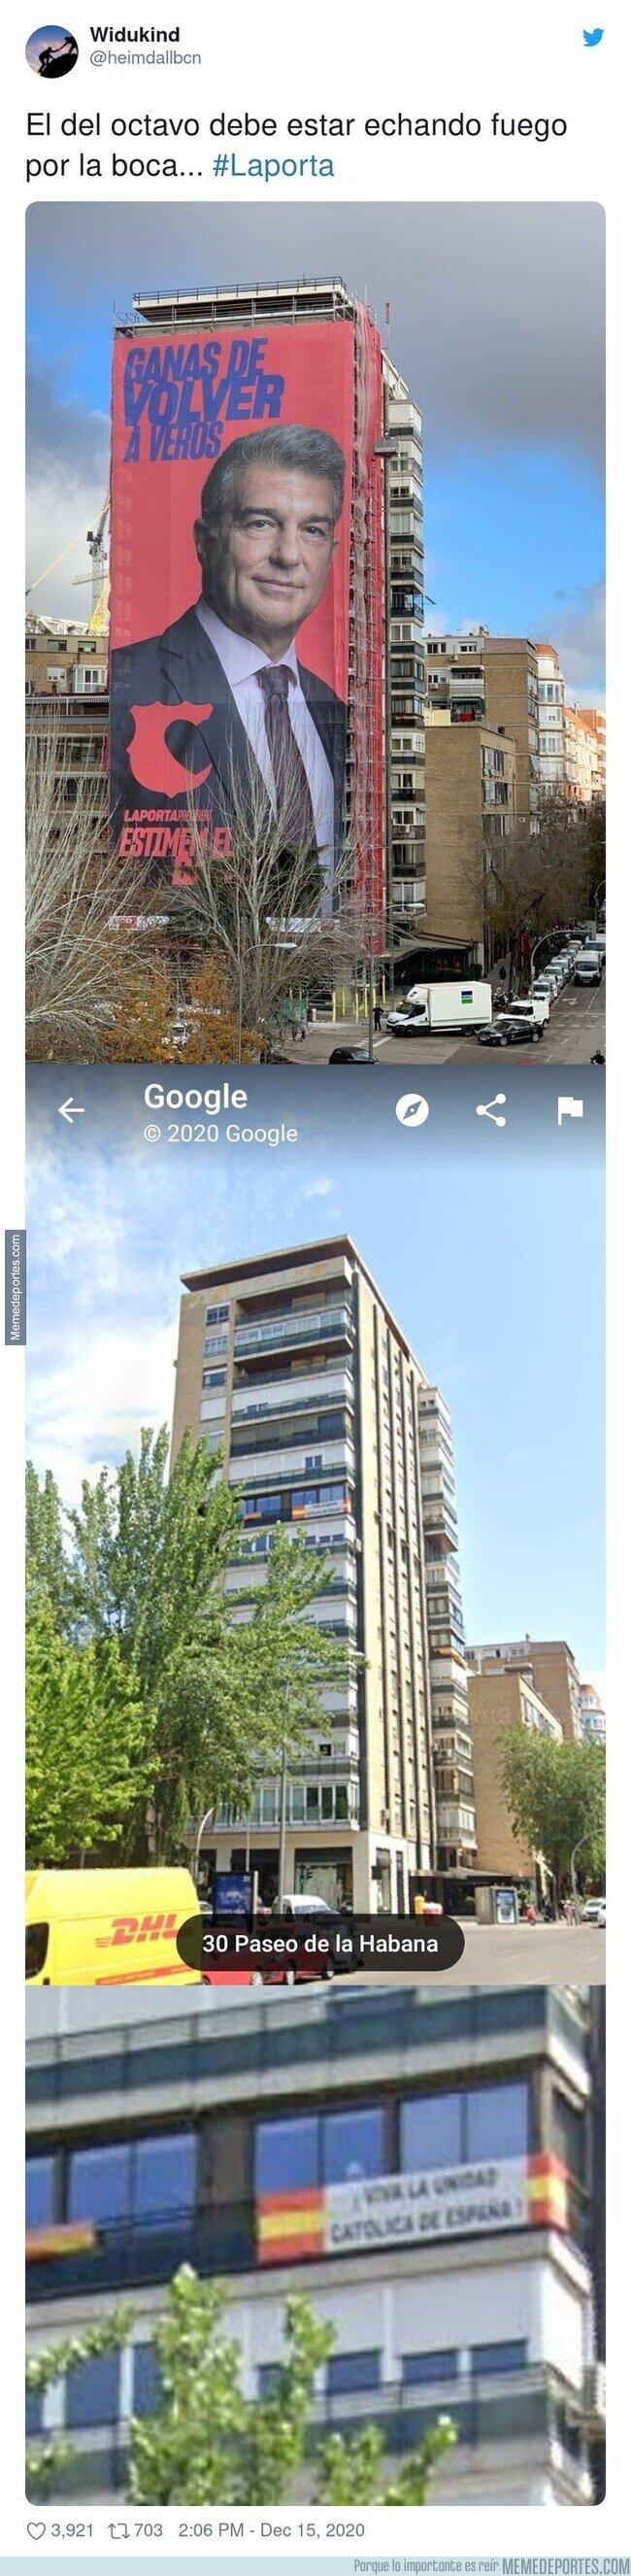 1122945 - Este vecino de al lado de la gran pancarta de Laporta en Madrid no debe estar muy contento